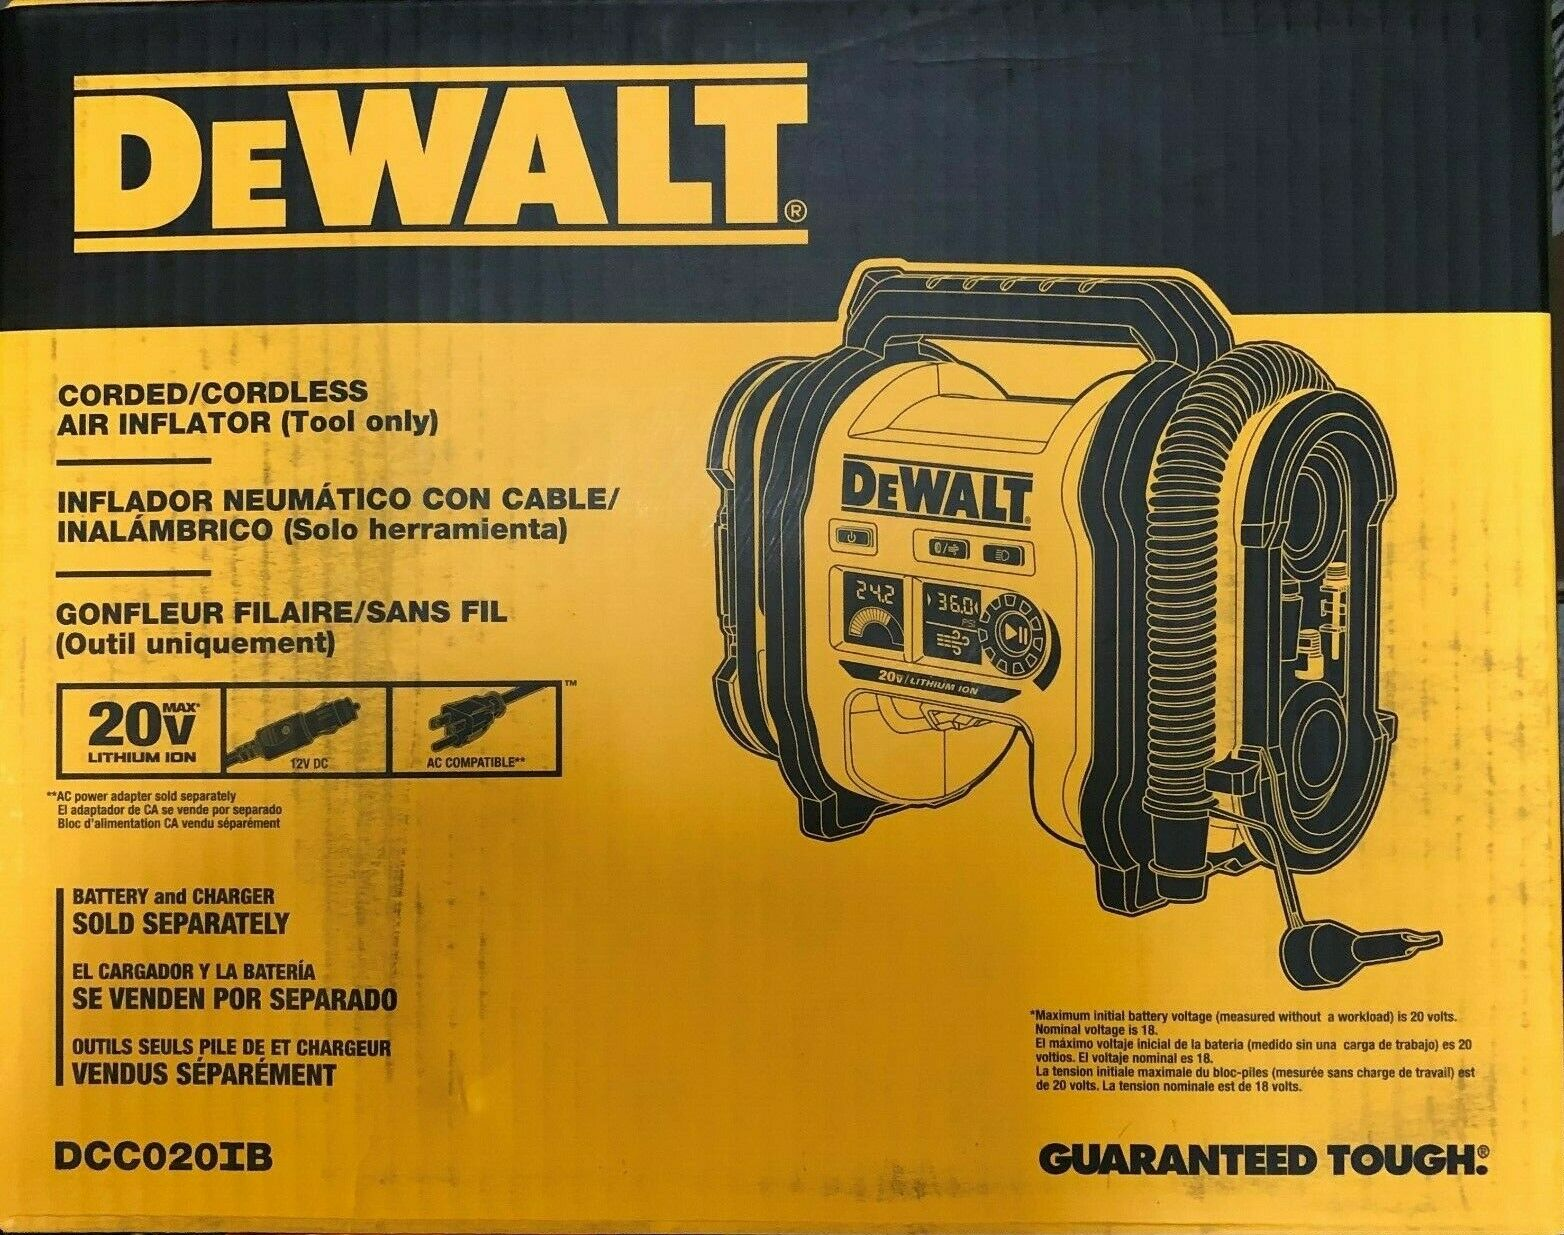 DCC020IB nailgunaccessories1 Dewalt DCC020IB Corded/Cordless Air Inflator 20 volt 12 volt DC NEW